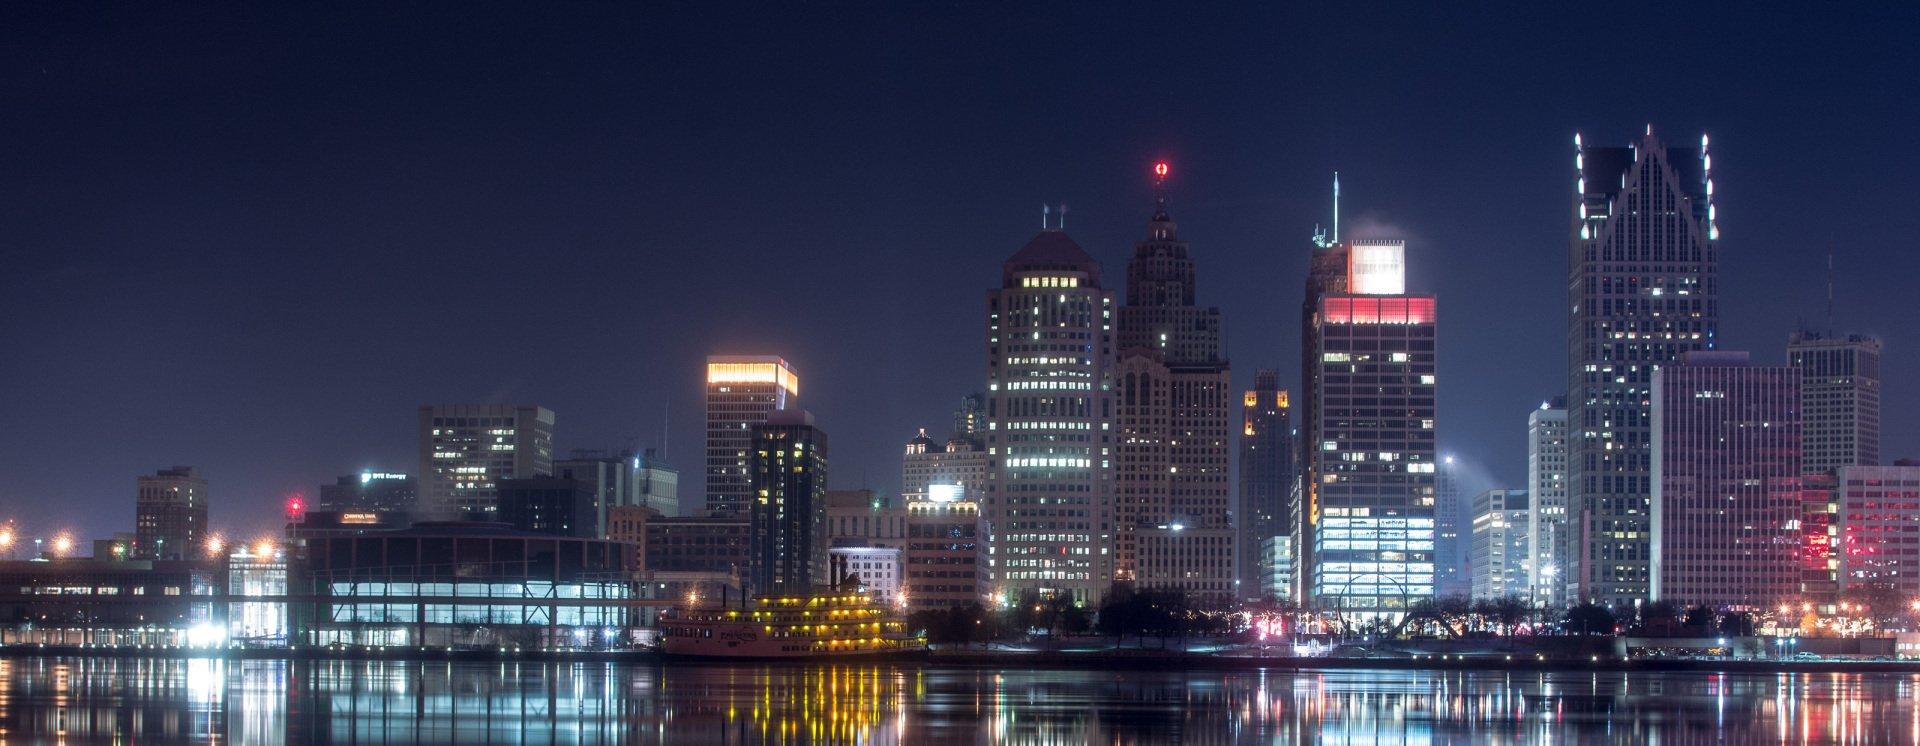 Detroit copy